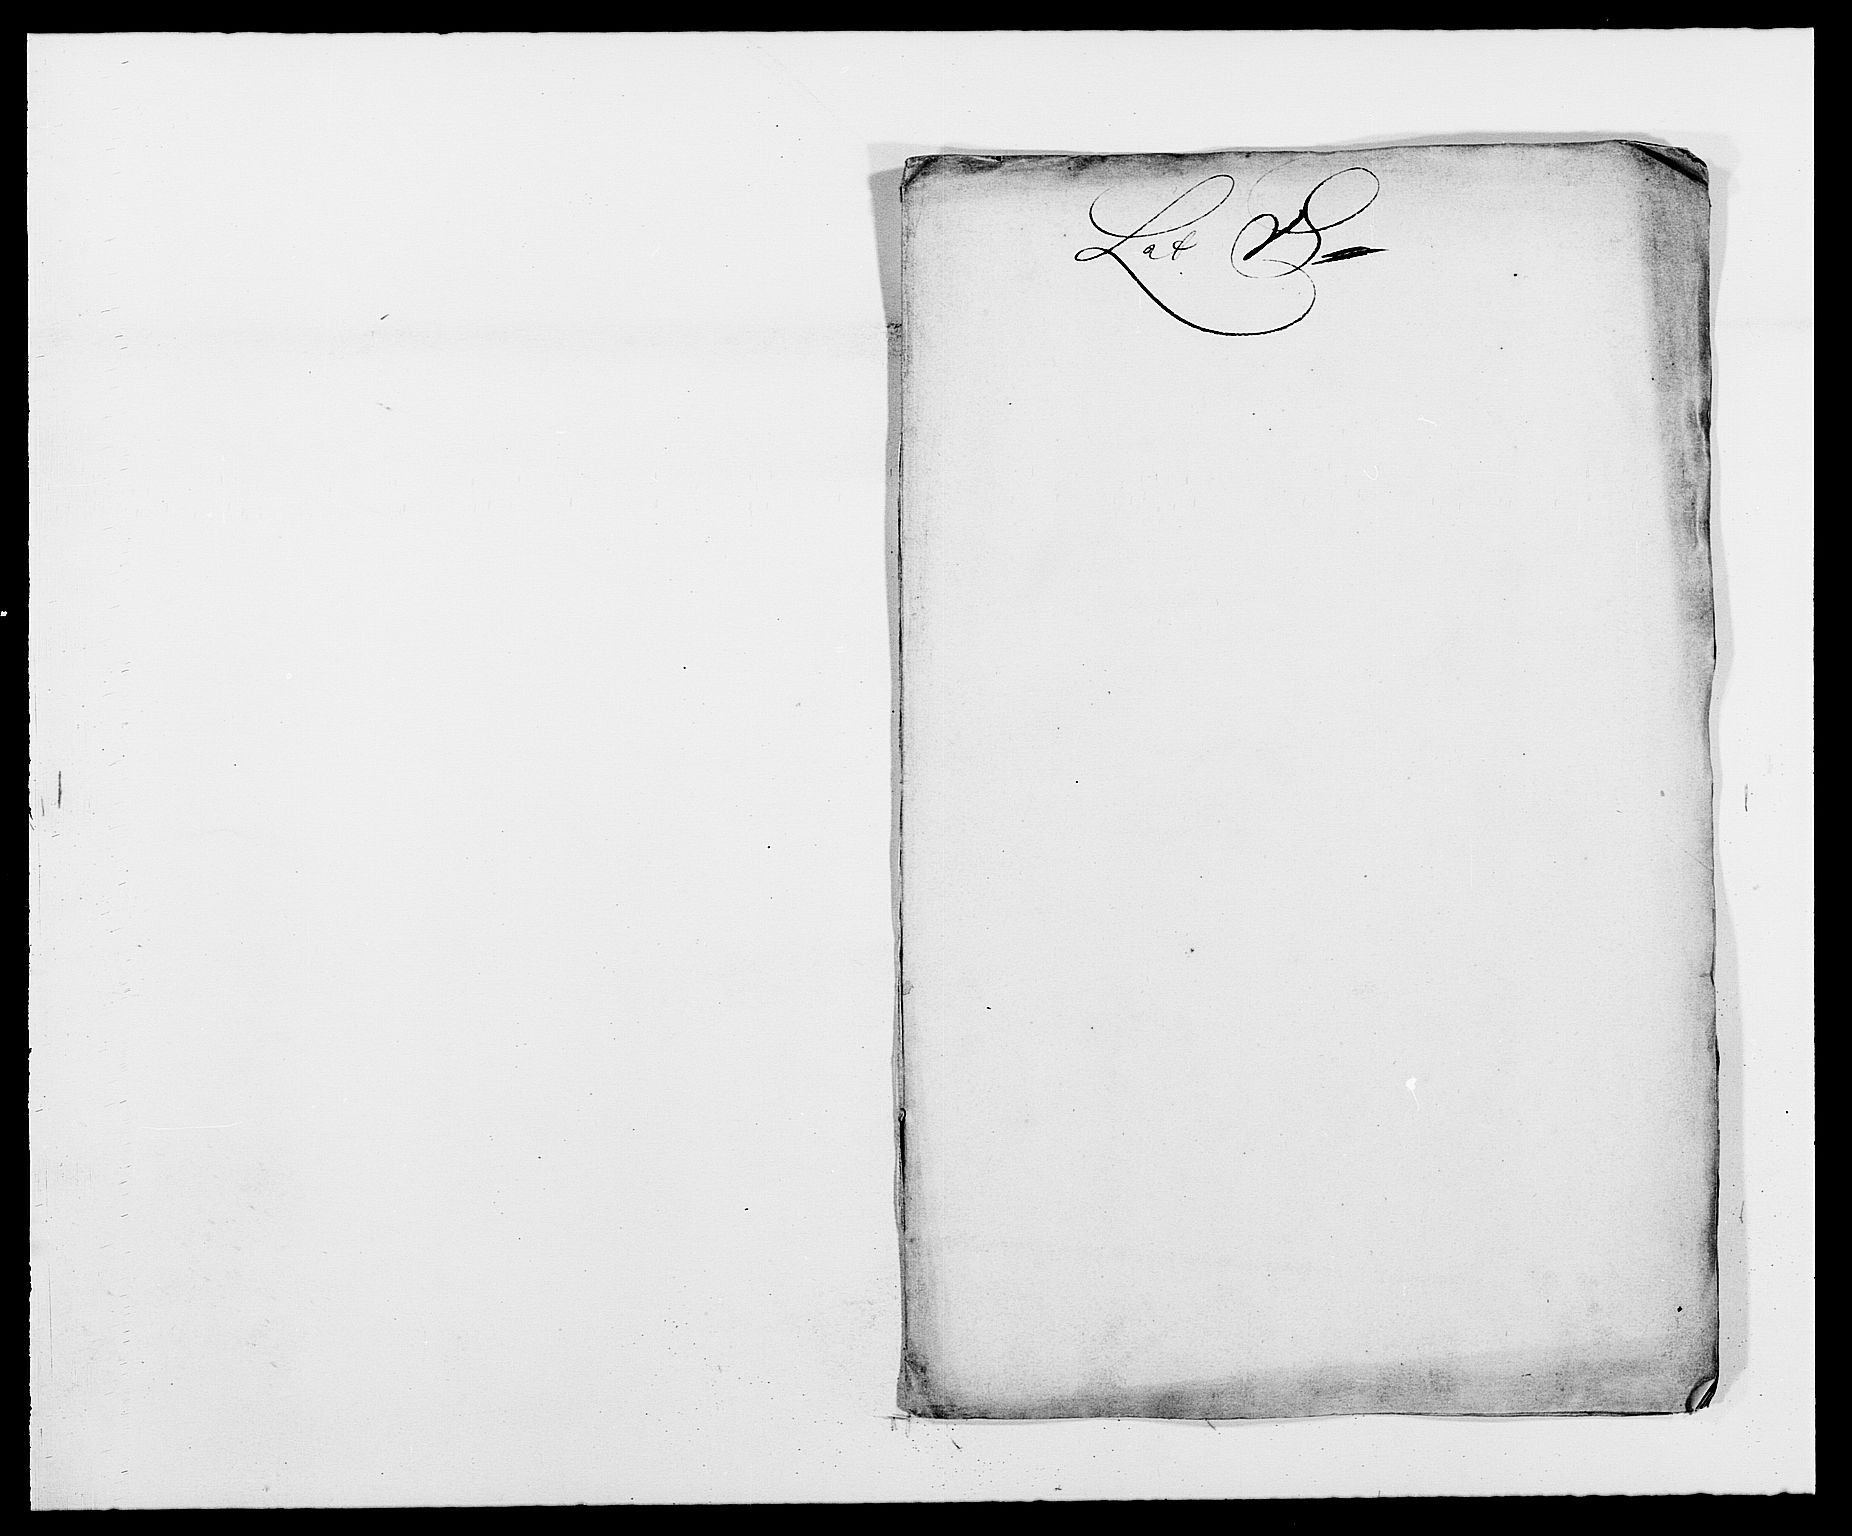 RA, Rentekammeret inntil 1814, Reviderte regnskaper, Fogderegnskap, R34/L2050: Fogderegnskap Bamble, 1688-1691, s. 325